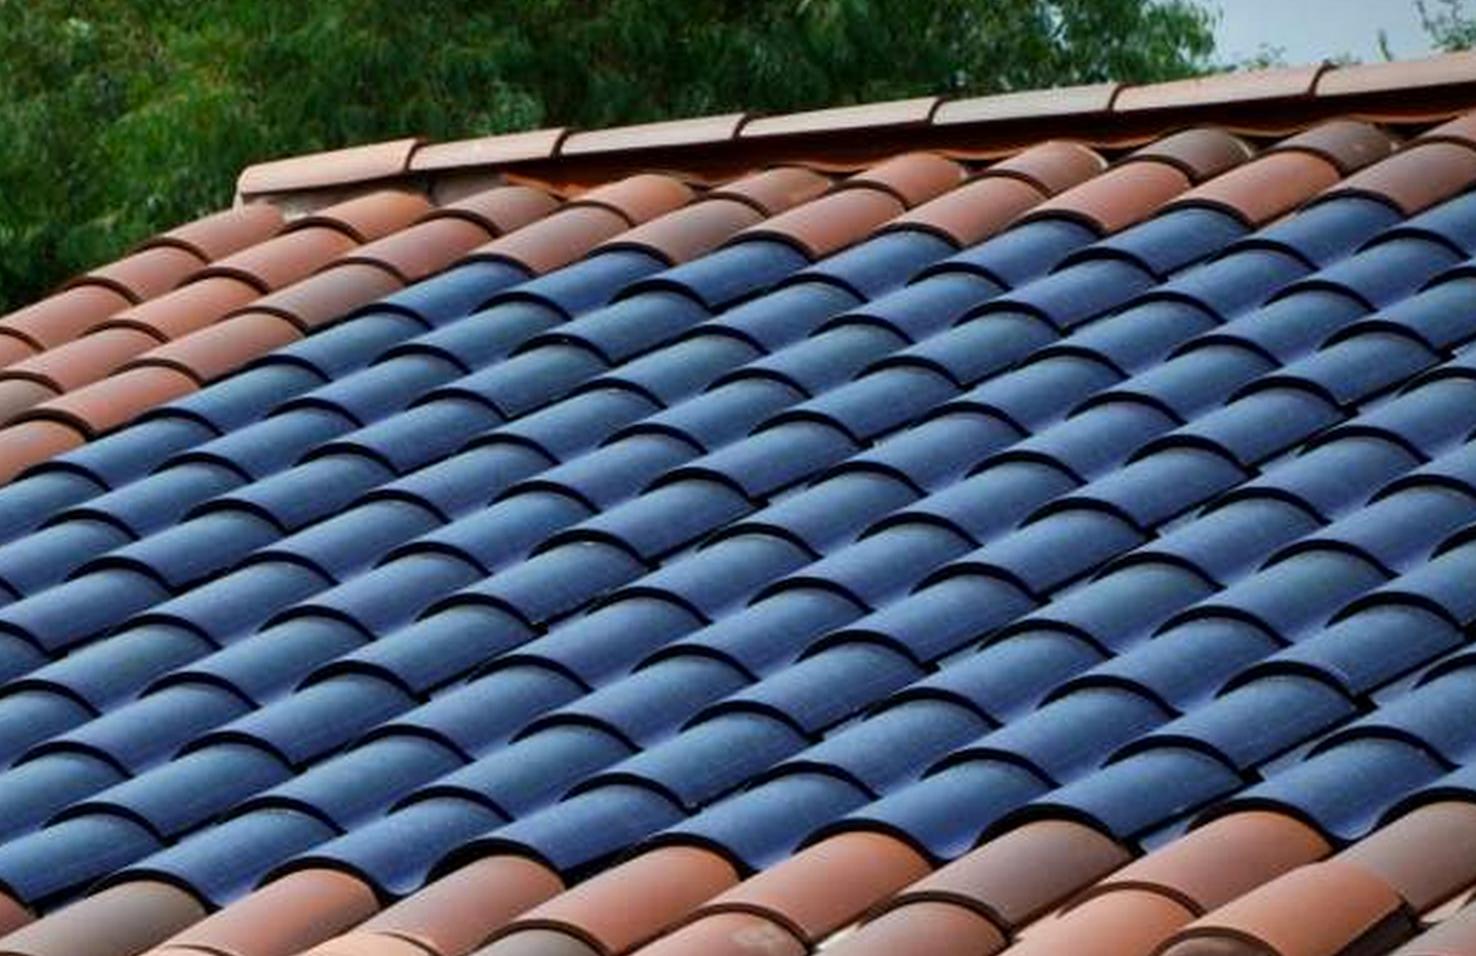 Geen losse zonnepanelen meer op het dak, maar zonnecellen verwerkt in dakpanelen of dakpannen. Als dat kan stappen nog meer mensen over op zonne-energie. Het zal niet lang meer duren voor ze op de markt verschijnen. Voor sommige mensen zijn zonnepanelen op het dak een statussymbool. Een teken dat je verstandig omgaat met het milieu. …